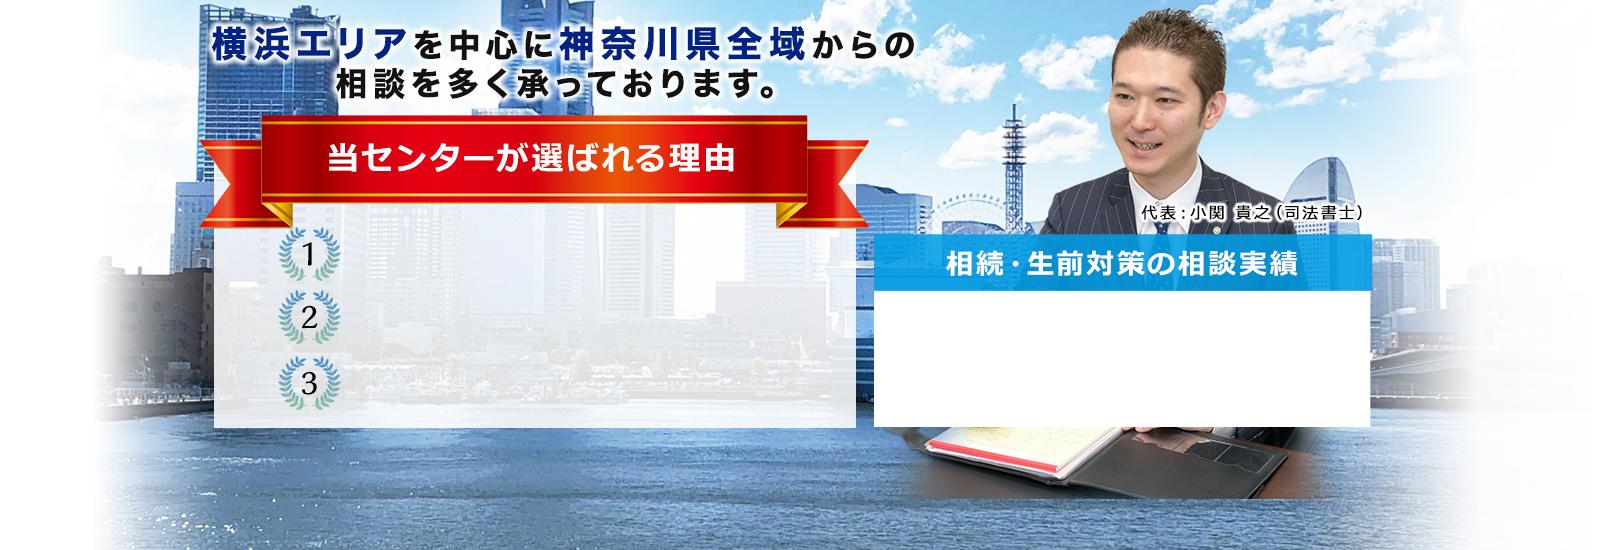 横浜エリアを中心に神奈川県全域からの相談を多く承っております。代表:小関貴之(司法書士)